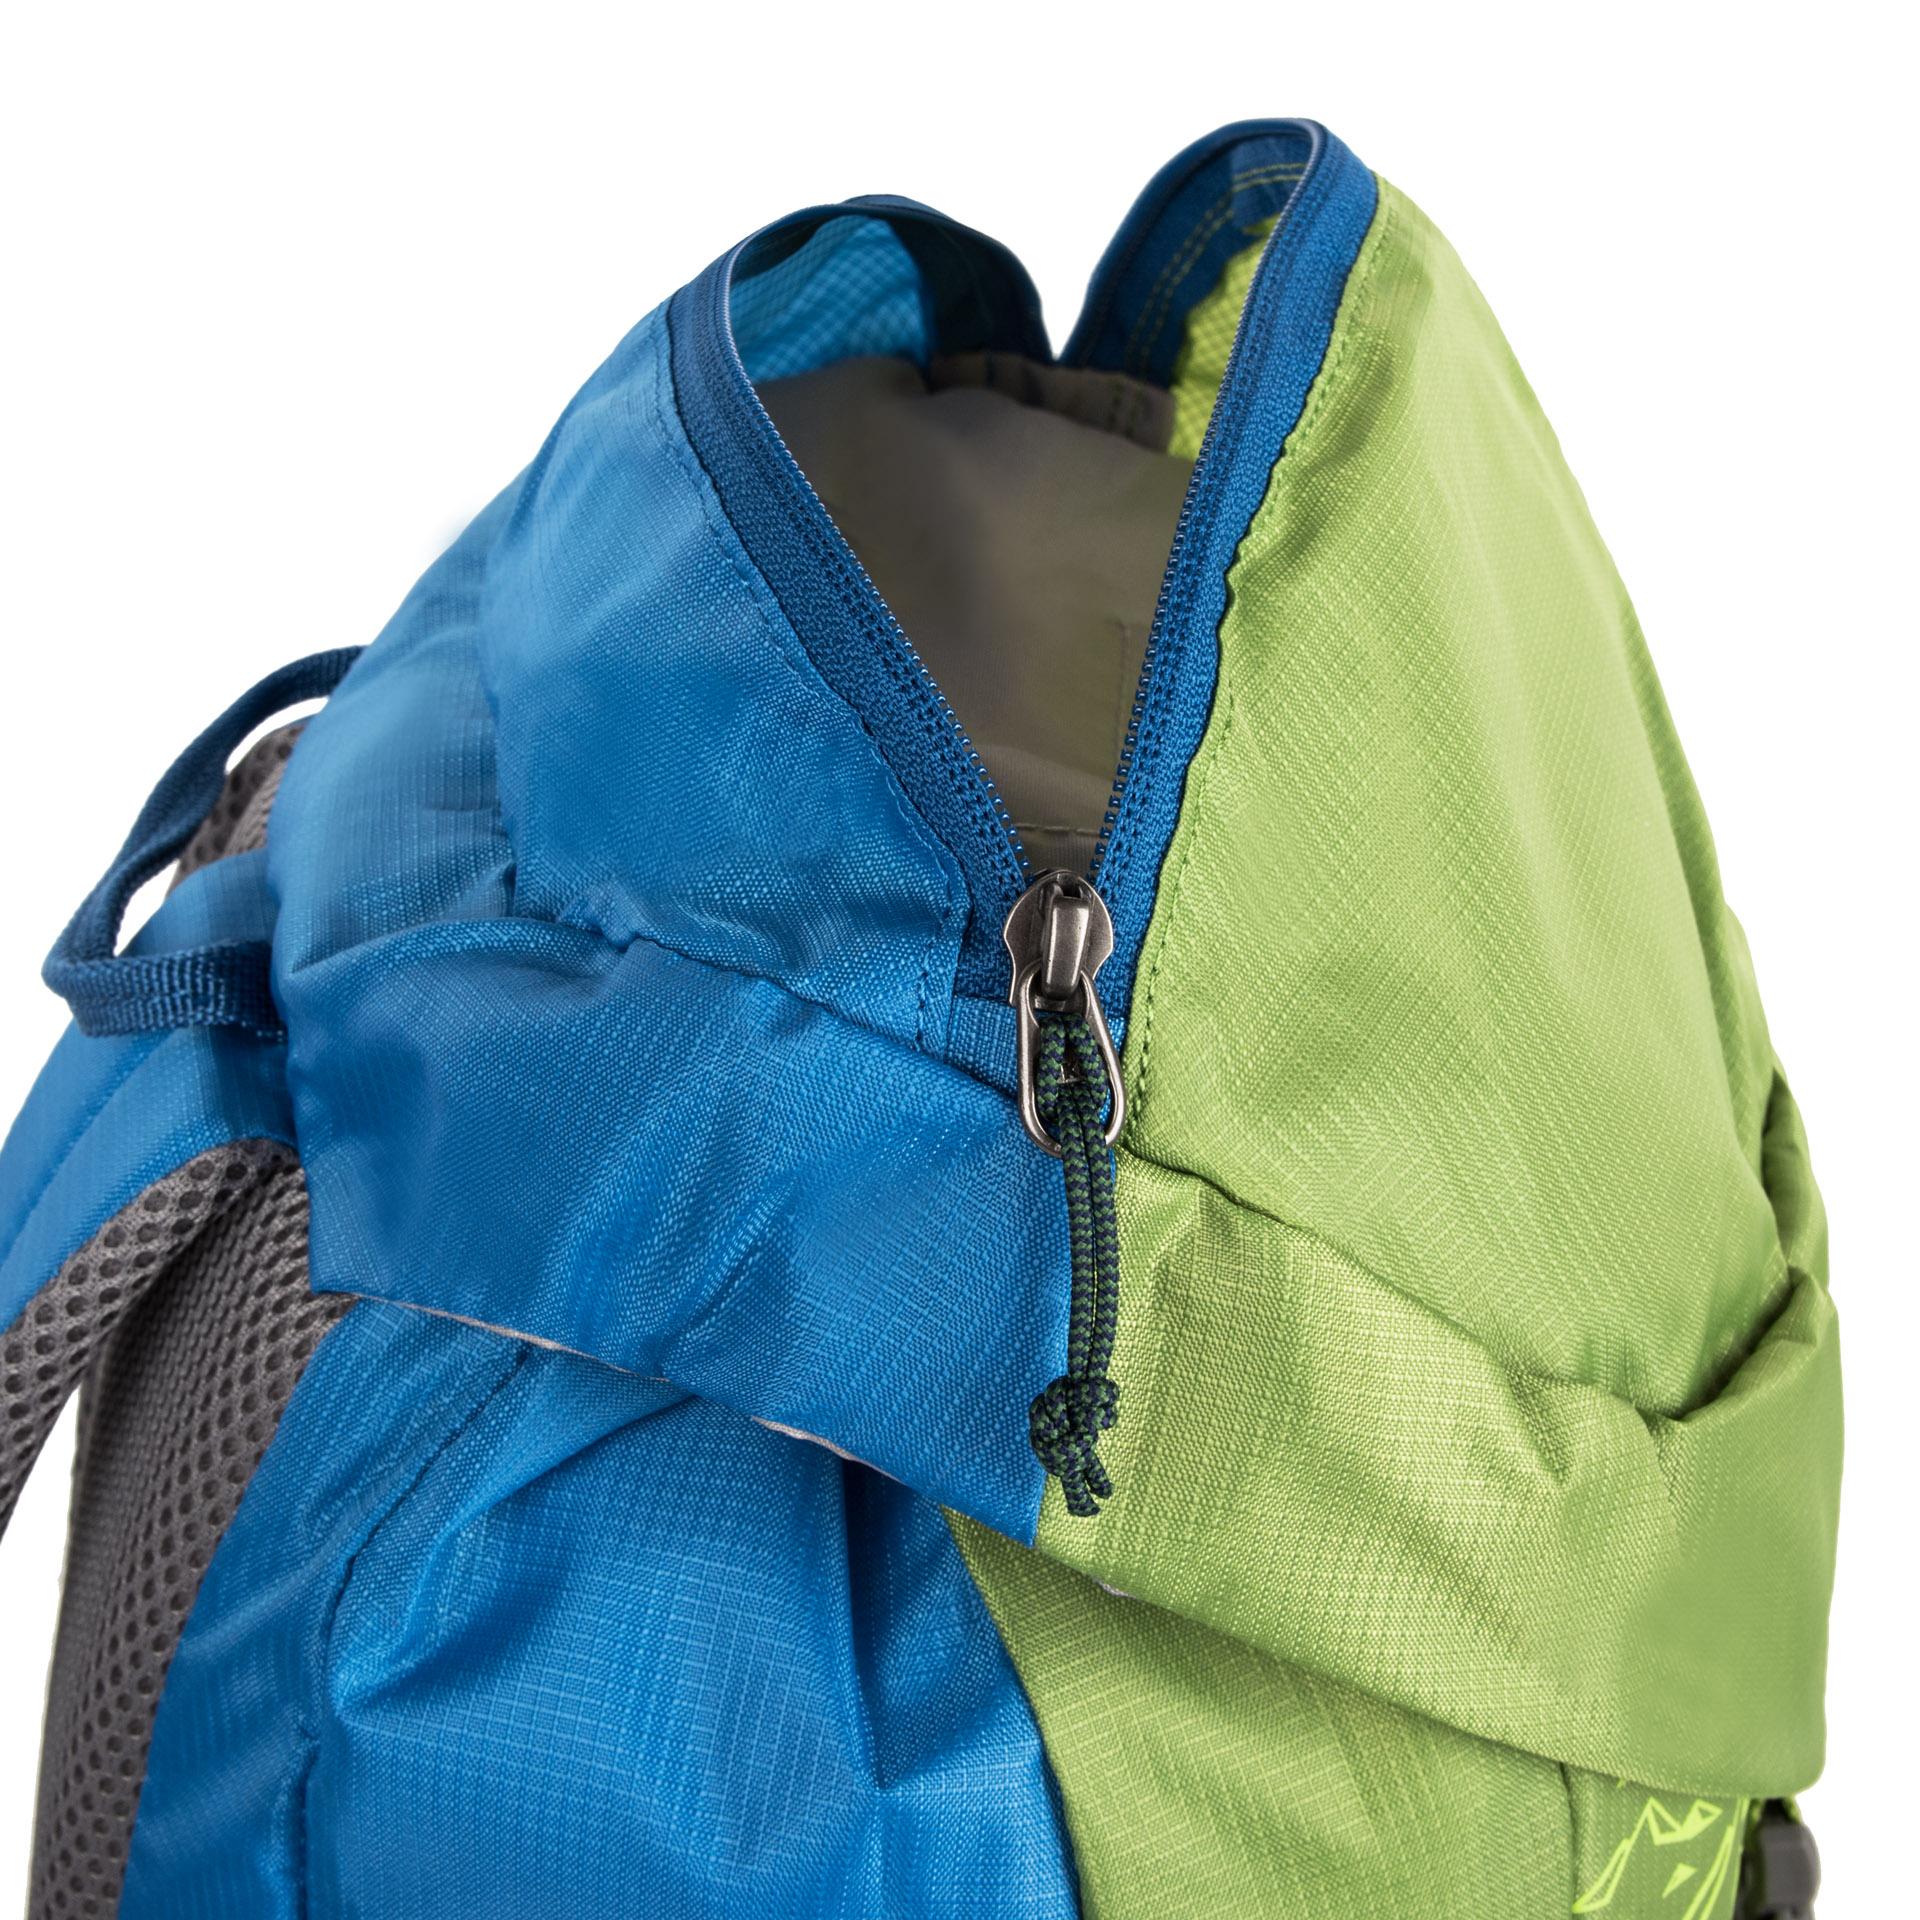 Salewa Maxitrek 16 Leaf Green Maxitrek 16 je pohodlný turistický batoh pre deti vyrobený z ľahkého a odolného ripstop polyesteru.  - ľahký turistický batoh - odolný ripstop polyester - pohodlné a priedušné polstrovanie chrbta - reflexné prvky zvyšujúce bezpečnosť